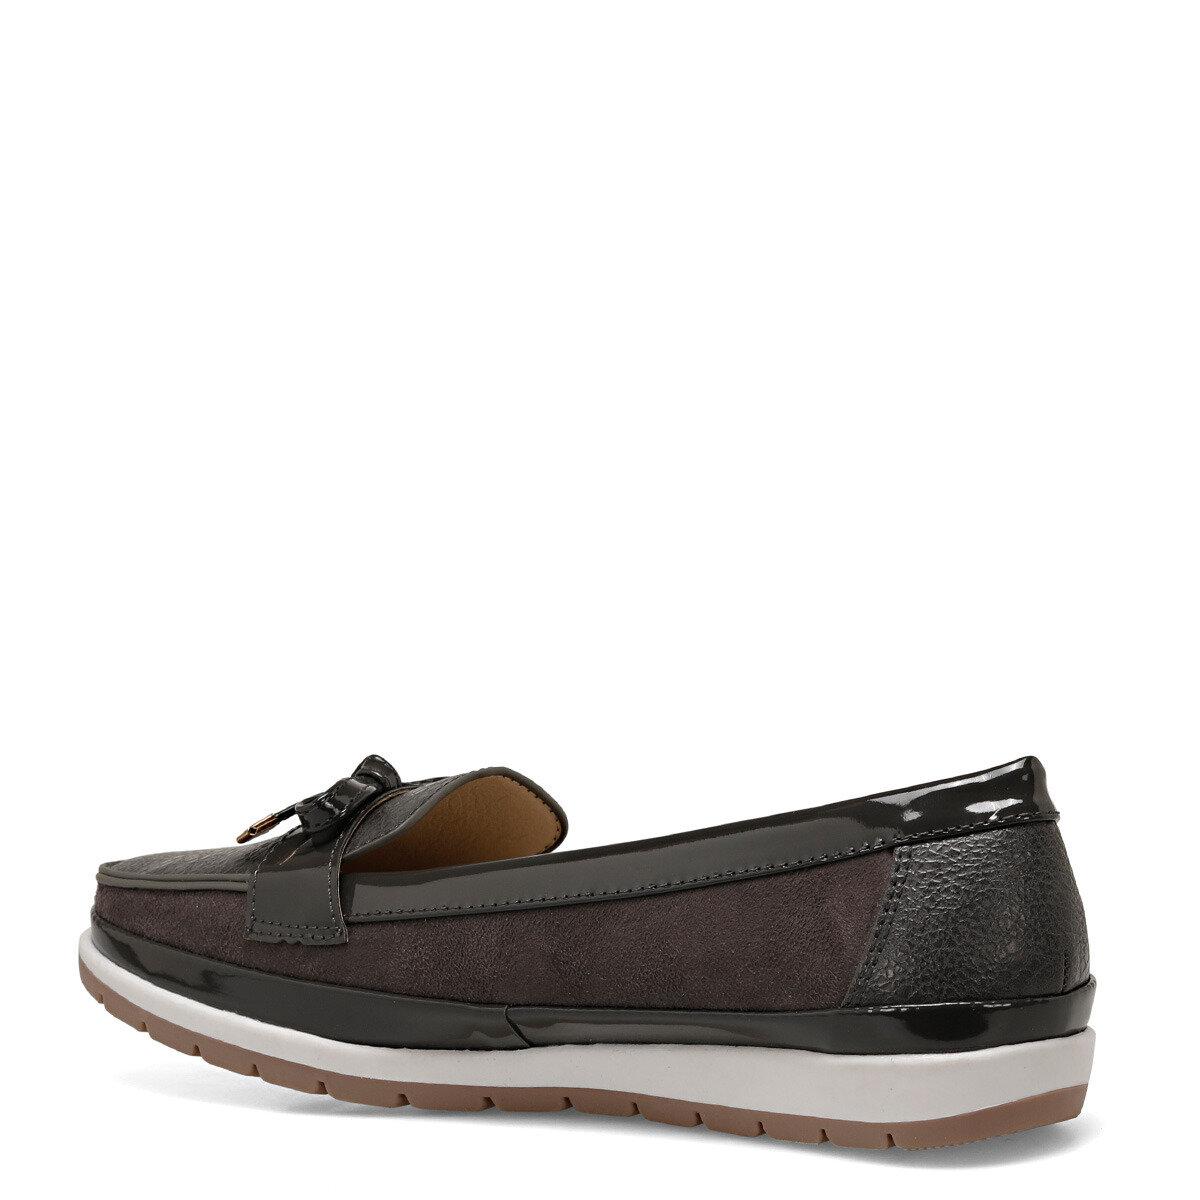 BELTEN Gri Kadın Loafer Ayakkabı